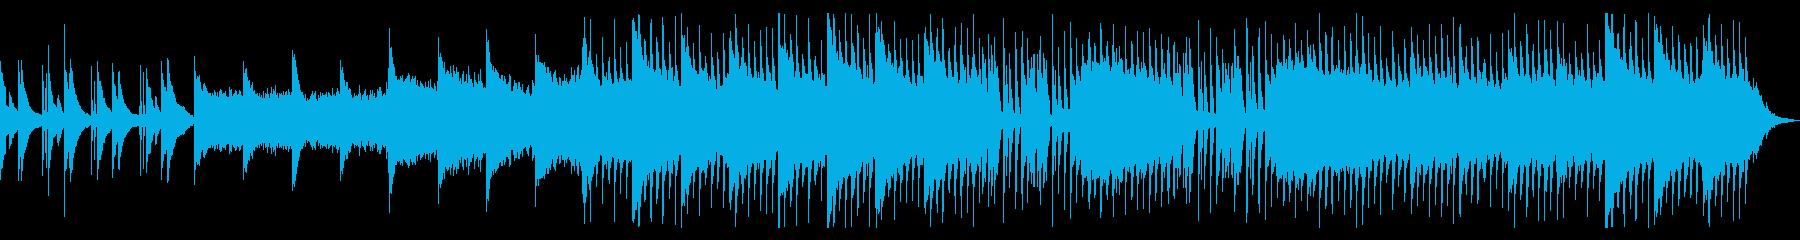 感動的かつアップテンポな曲の再生済みの波形